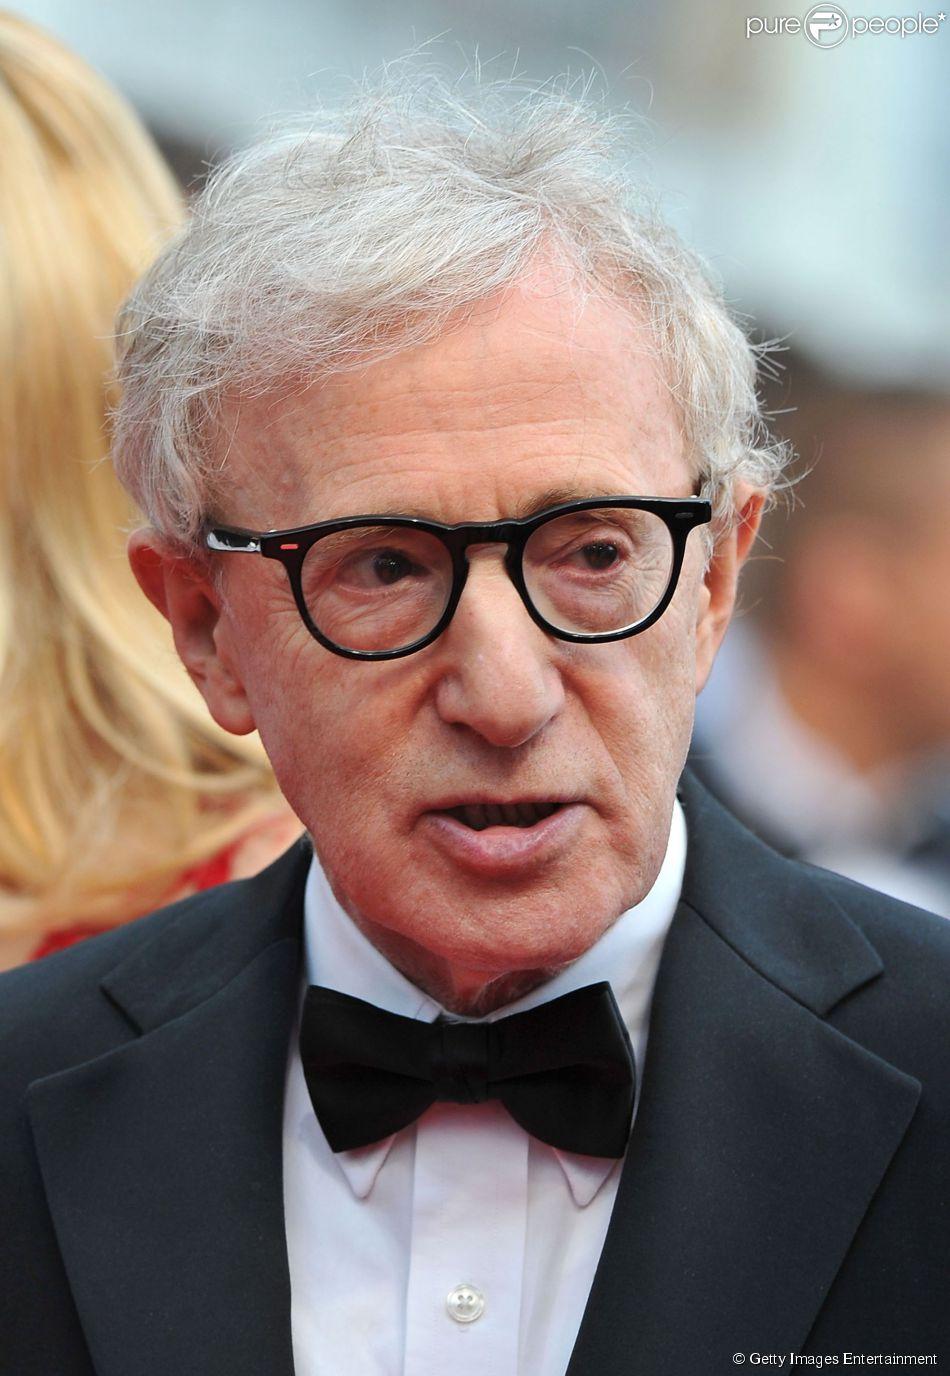 Moses, filho de Woody Allen com Mia Farrow, defendeu o pai: 'Não molestou a minha irmã'